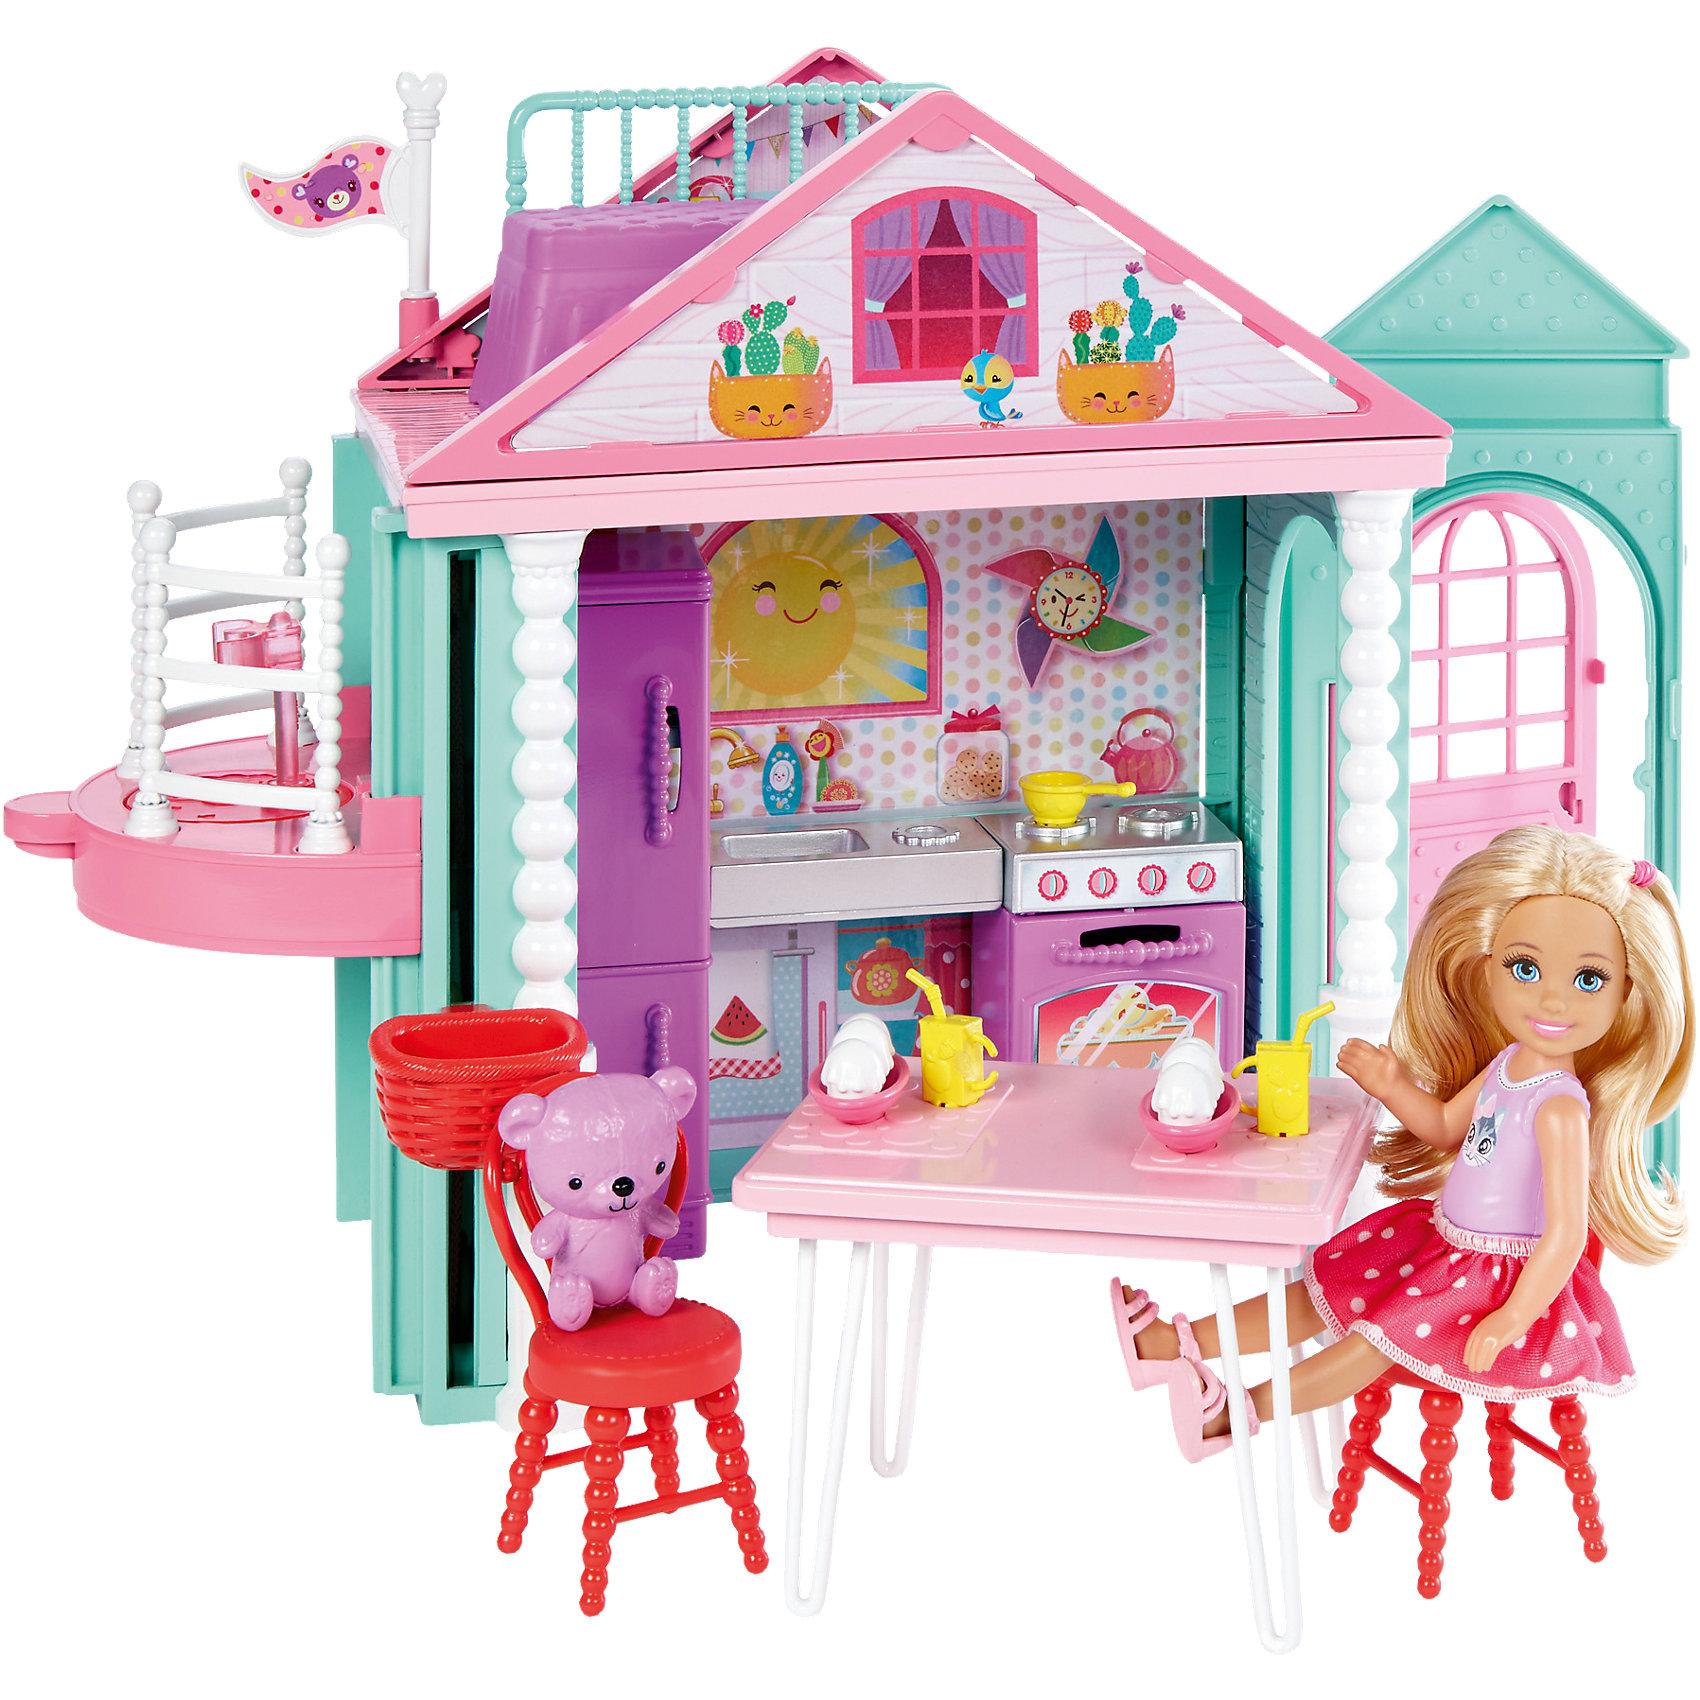 Домик ЧелсиДомик Челси, Barbie (Барби)<br><br>Характеристики:<br><br>• в комплекте есть всё необходимое для веселых встреч с подружками<br>• лифт поднимает Челси на второй этаж<br>• материал: пластик<br>• в комплекте: кукла, медвежонок, элементы домика, аксессуары<br>• высота куклы: 14 см<br>• размер упаковки: 34,5х27х7 см<br>• вес: 795 грамм<br><br>Восхитительный домик Челси - настоящий подарок для встреч с любимыми подружками. На первом этаже располагается кухня со всей необходимой бытовой техникой, посудой, мебелью и продуктами. Красавица с радостью угостит напитками и десертами своих друзей и маленького медвежонка. Лифт может поднять Челси на второй этаж, где расположена ее кроватка. Там девочка сладко поспит или помечтает, глядя на звезды. Яркие декорации дома понравятся гостям и они с радостью придут в гости к милашке Челси. Кукла одета в маечку с принтом, юбку в горошек и сандалики.<br><br>Домик Челси, Barbie (Барби) можно купить в нашем интернет-магазине.<br><br>Ширина мм: 351<br>Глубина мм: 274<br>Высота мм: 78<br>Вес г: 785<br>Возраст от месяцев: 36<br>Возраст до месяцев: 72<br>Пол: Женский<br>Возраст: Детский<br>SKU: 5257131